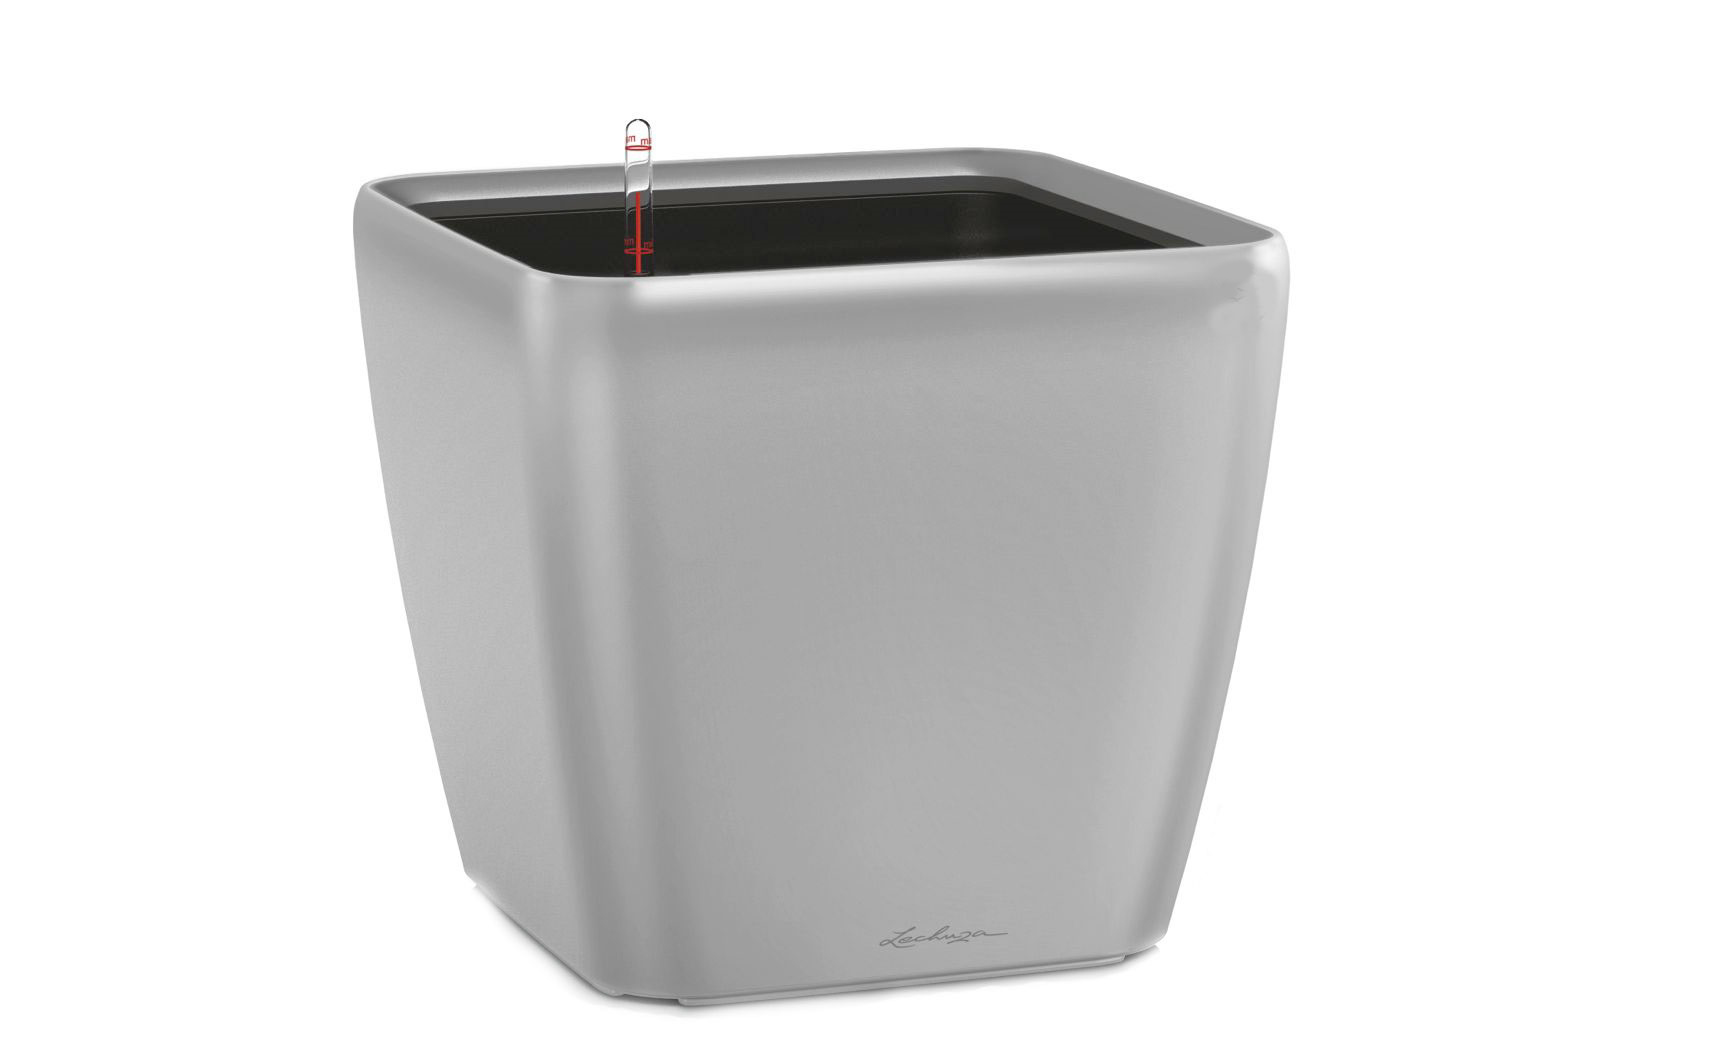 Кашпо с системой полива Квадро LSКашпо и аксессуары для цветов<br>Кашпо со съемным горшком.<br><br>Material: Пластик<br>Ширина см: 33<br>Высота см: 35<br>Глубина см: 33